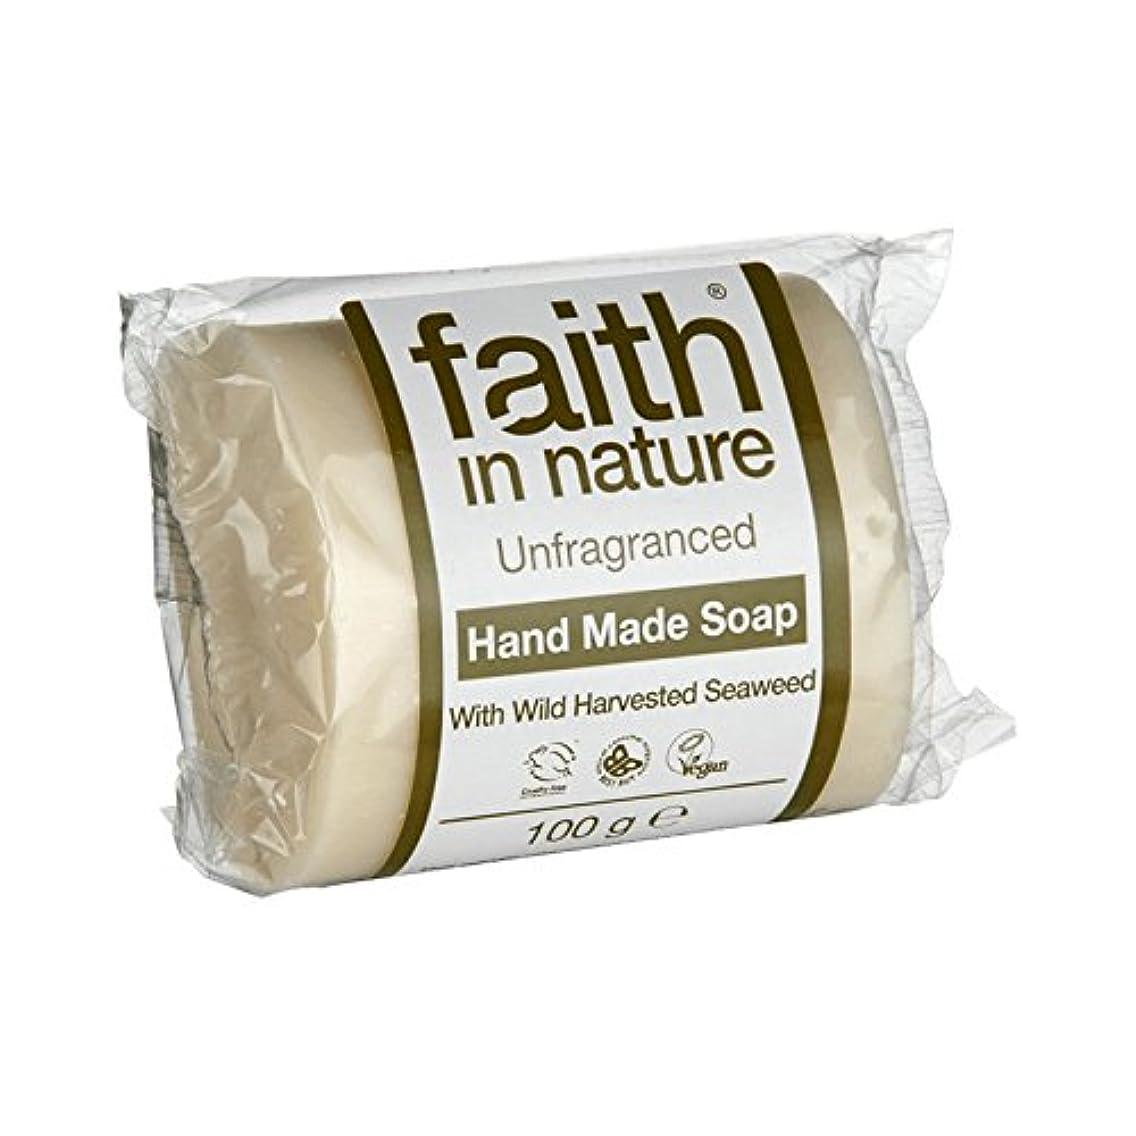 執着ためにみなさん自然無香料海藻石鹸100グラムの信仰 - Faith in Nature Unfragranced Seaweed Soap 100g (Faith in Nature) [並行輸入品]